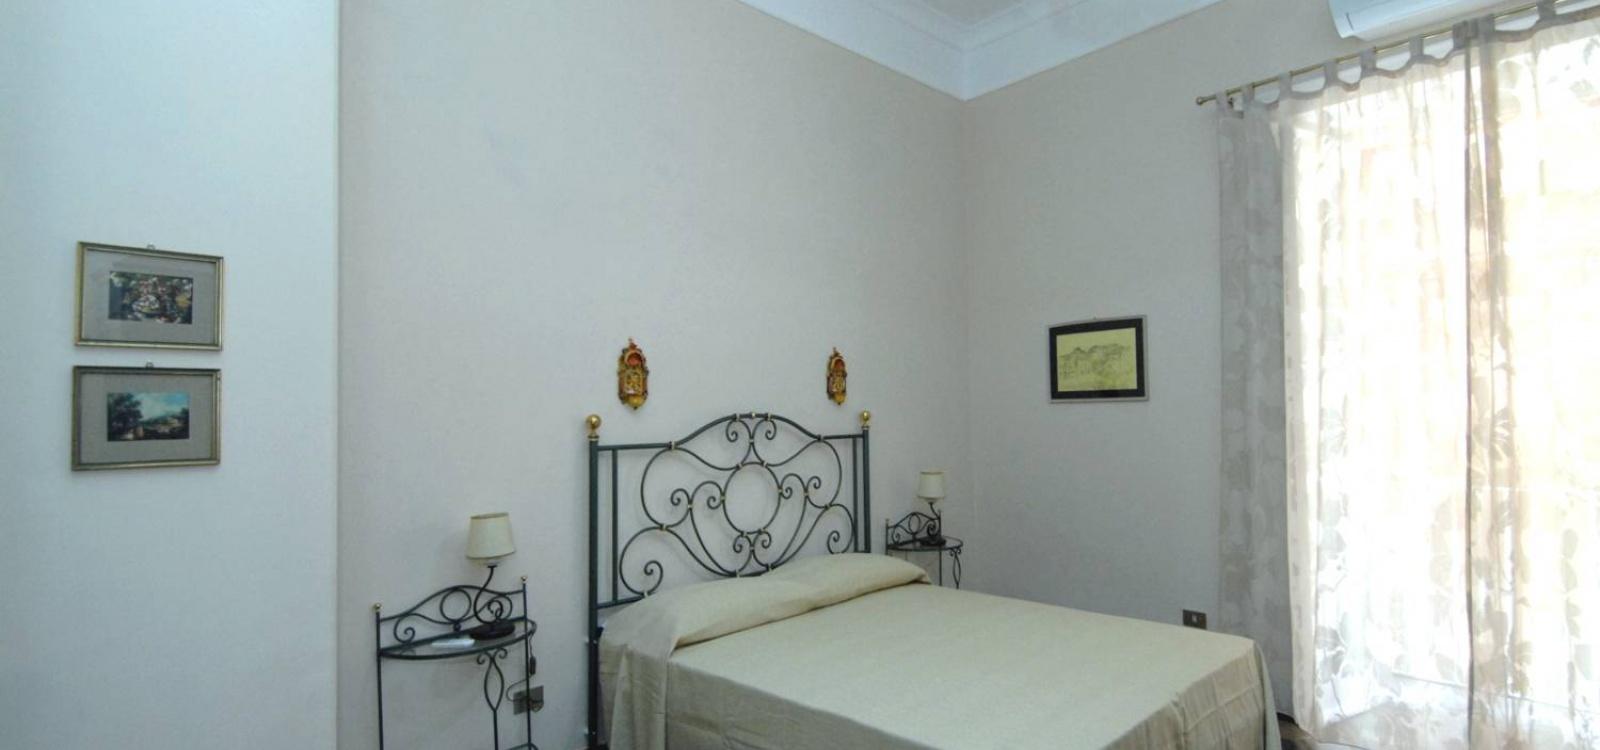 Casa Vacanze, Affitto per vacanze, ID Struttura 1219, Tropea, Vibo Valentia, Italy, 89861,